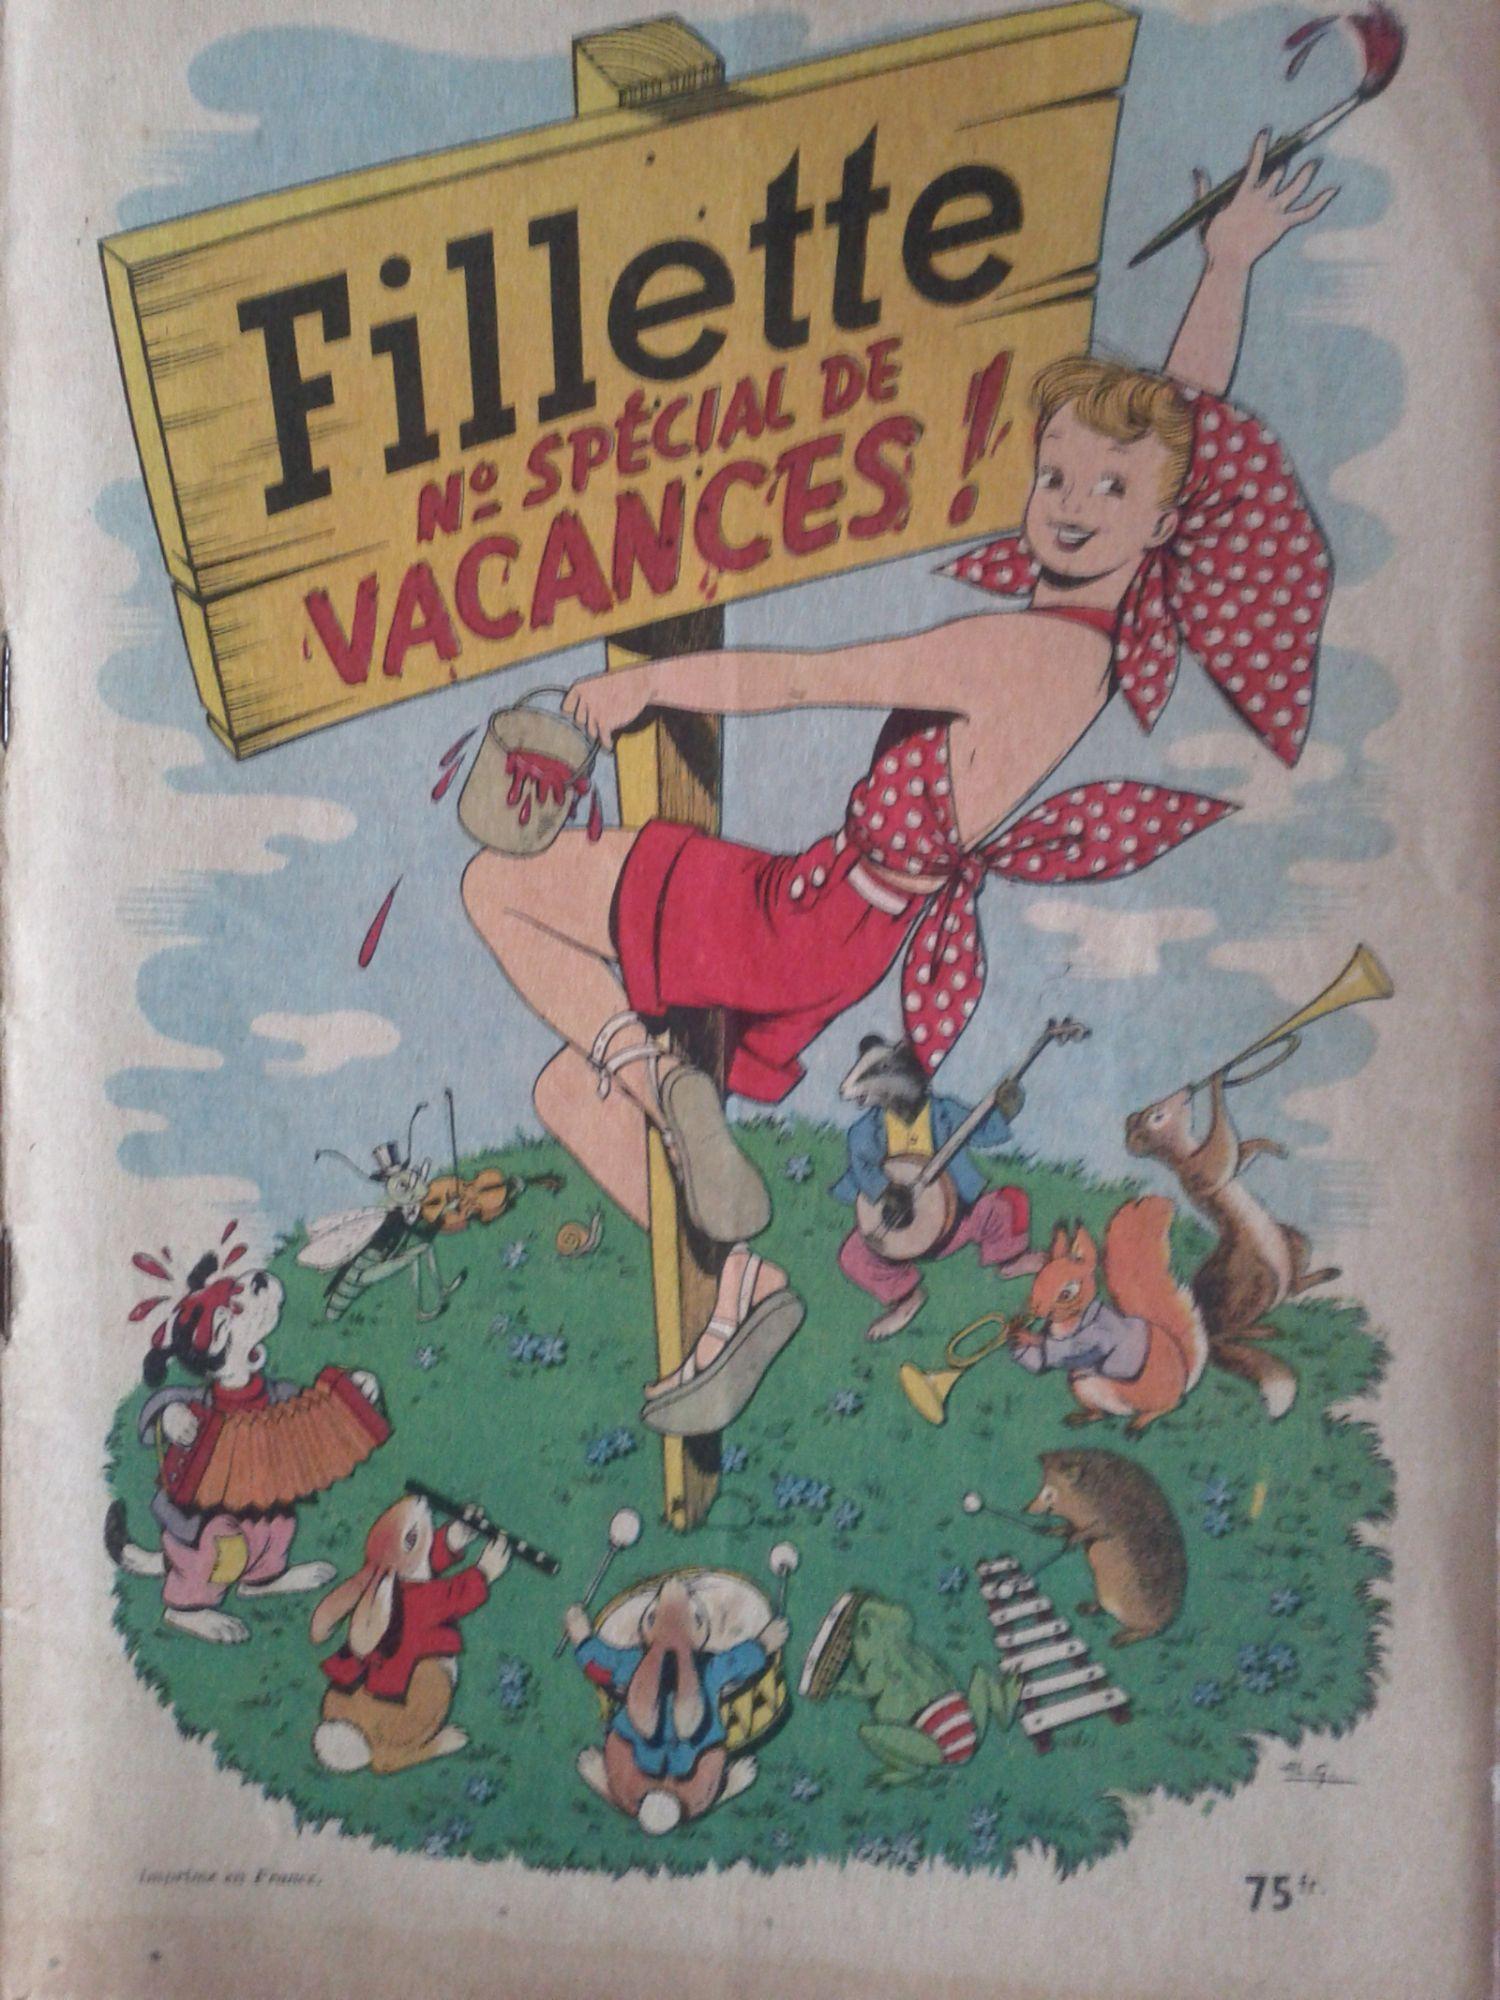 Fillette vacances1954